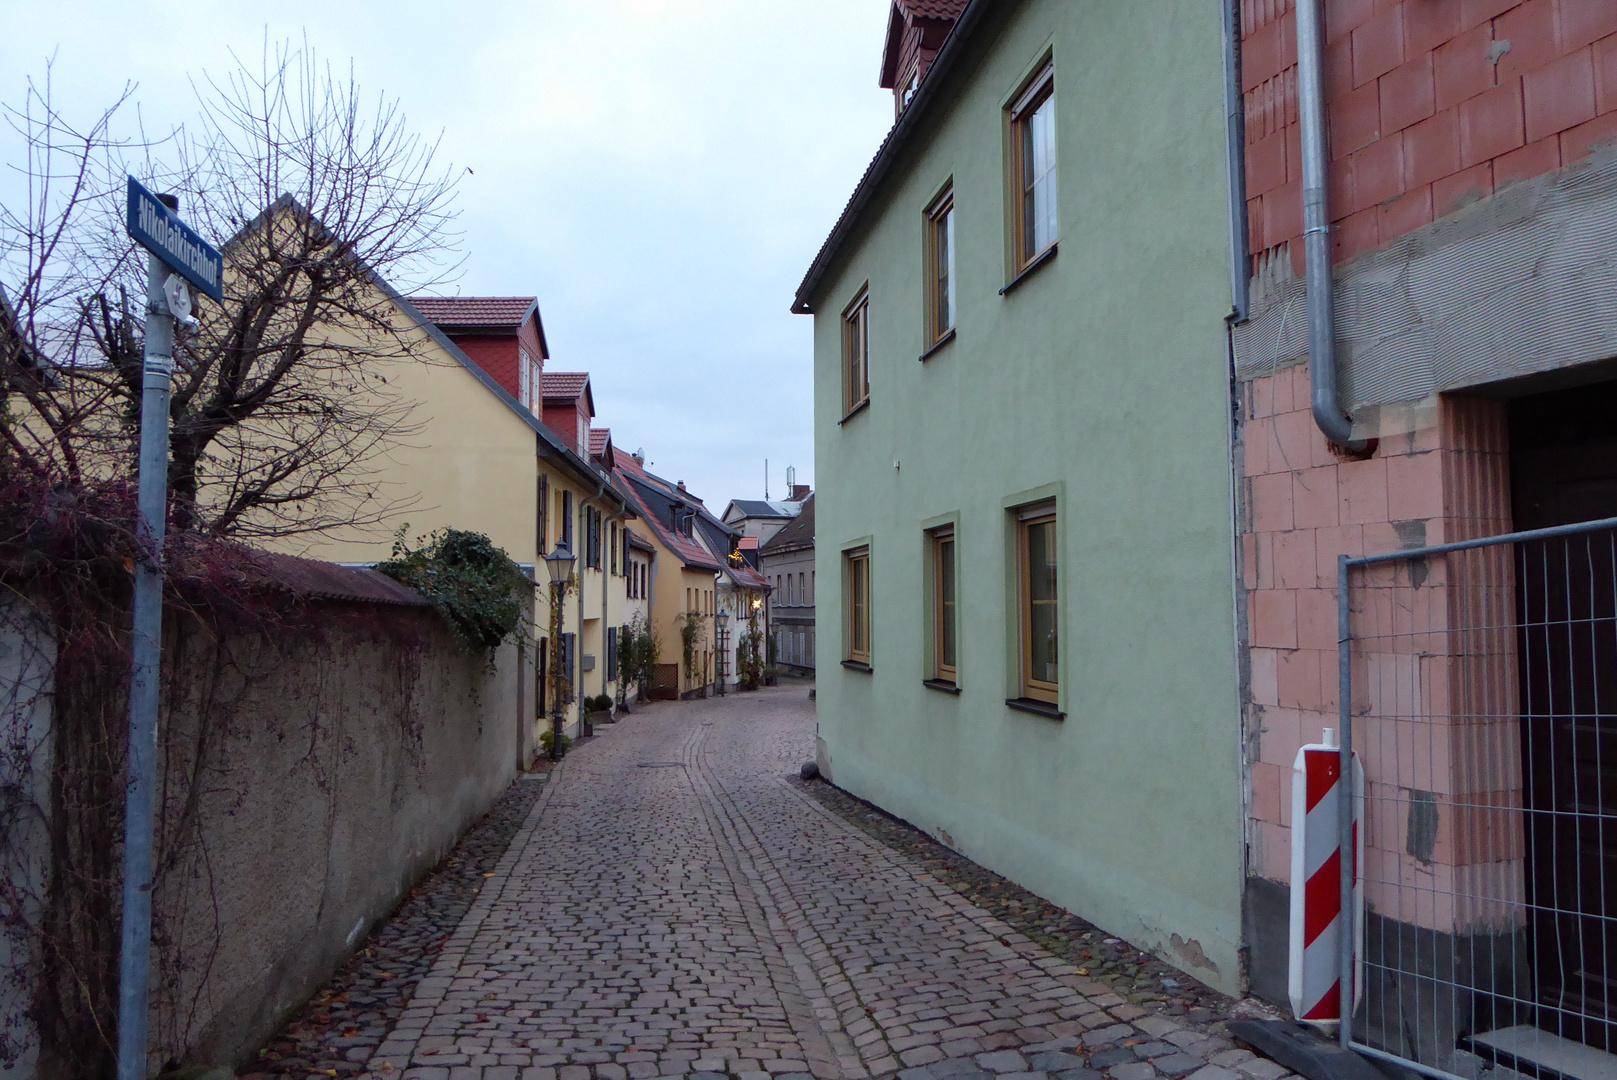 Altenburger Altstadt-Impressionen Dezember 2017 #8